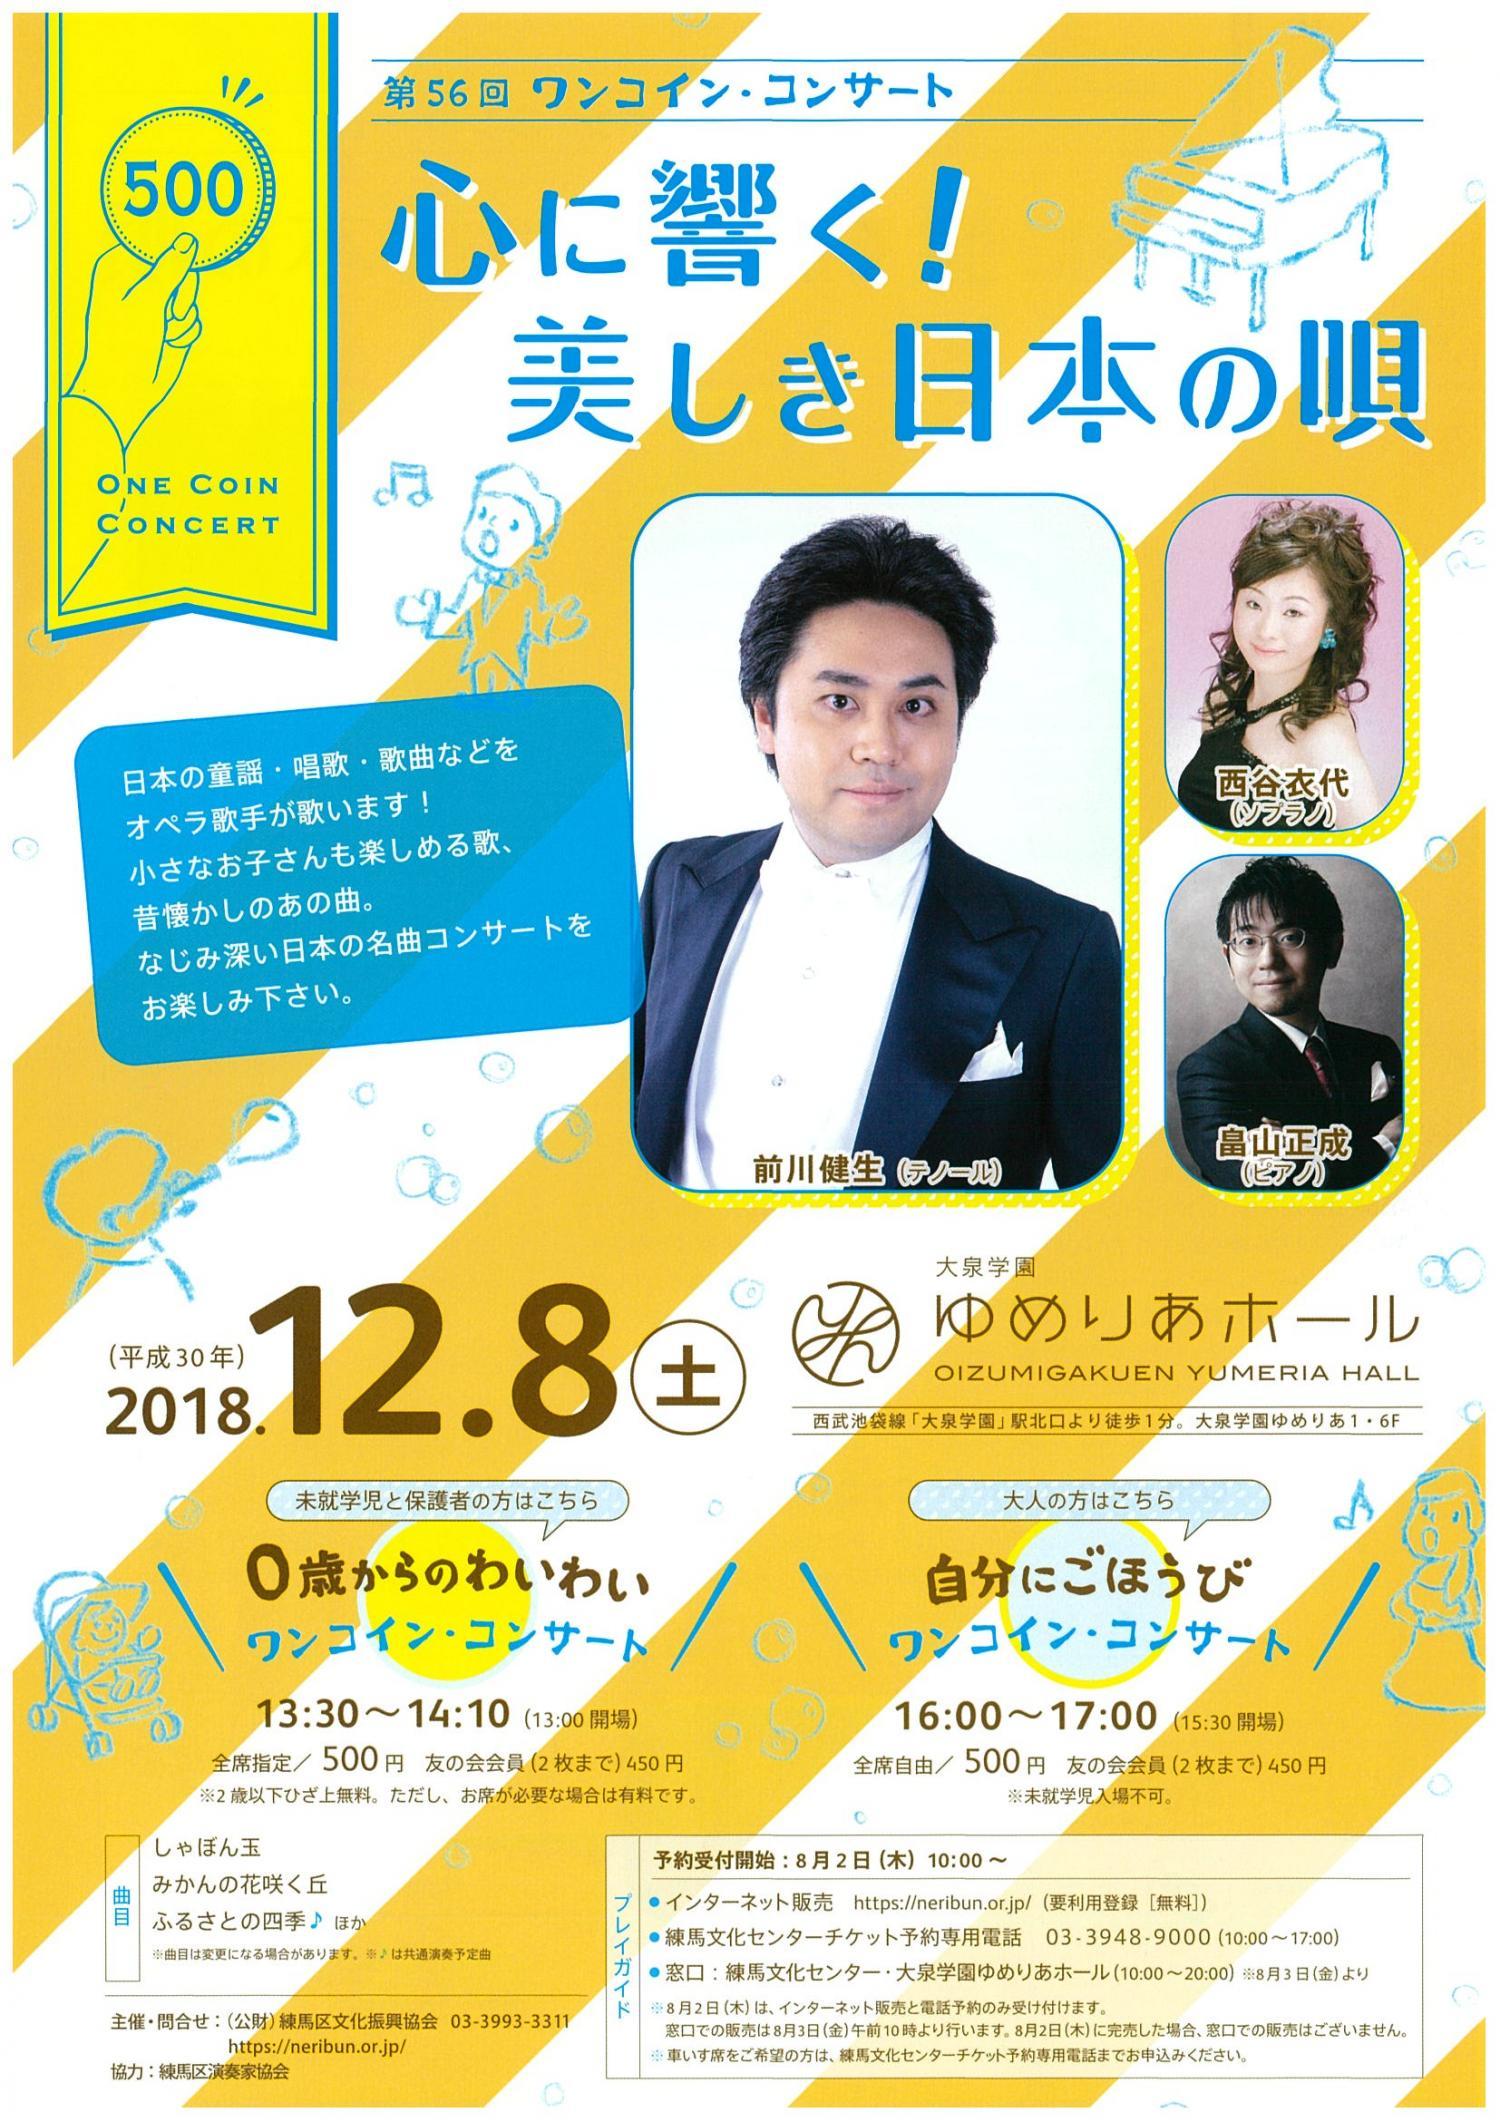 제56회 멍멍이 인·콘서트심에 영향을 준다!아름다운 일본의 노래